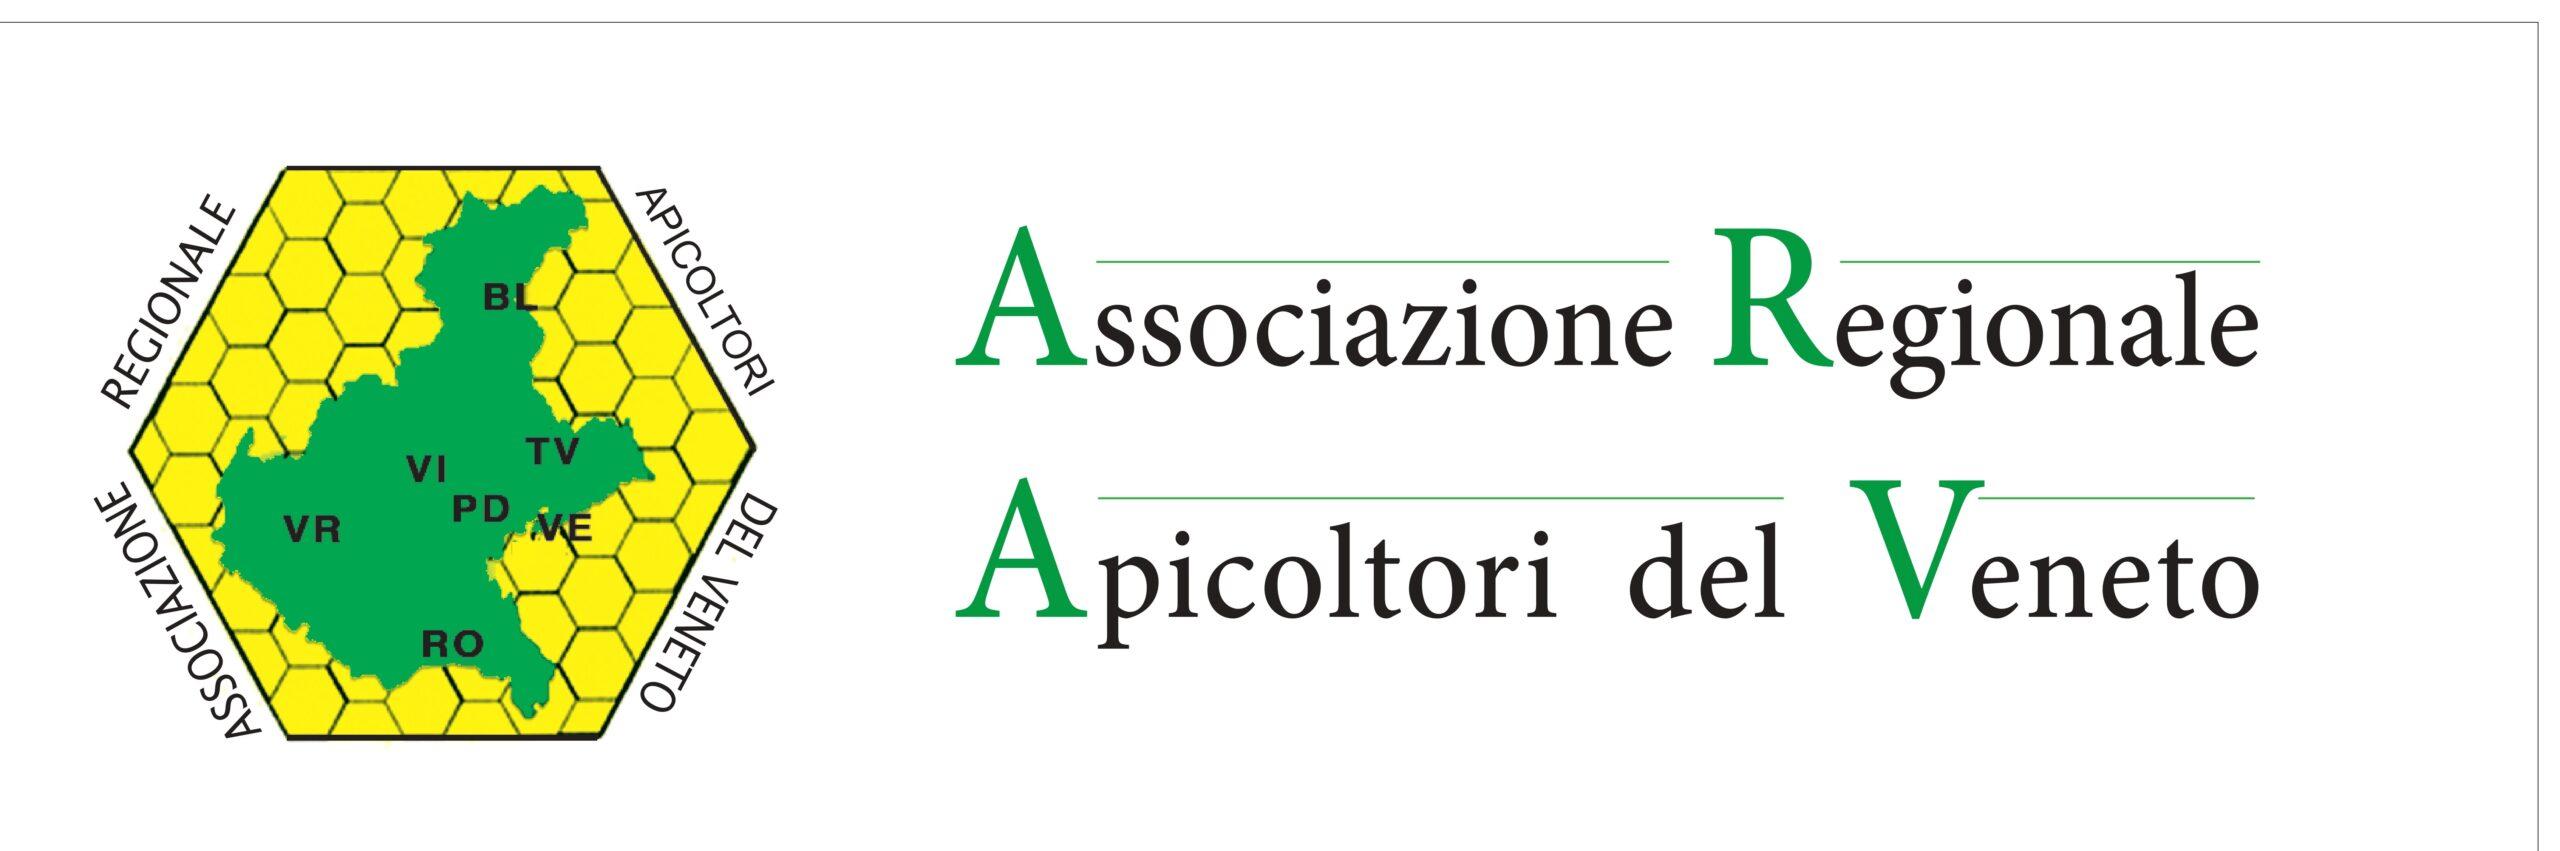 Associazione Regionale Apicoltori del Veneto